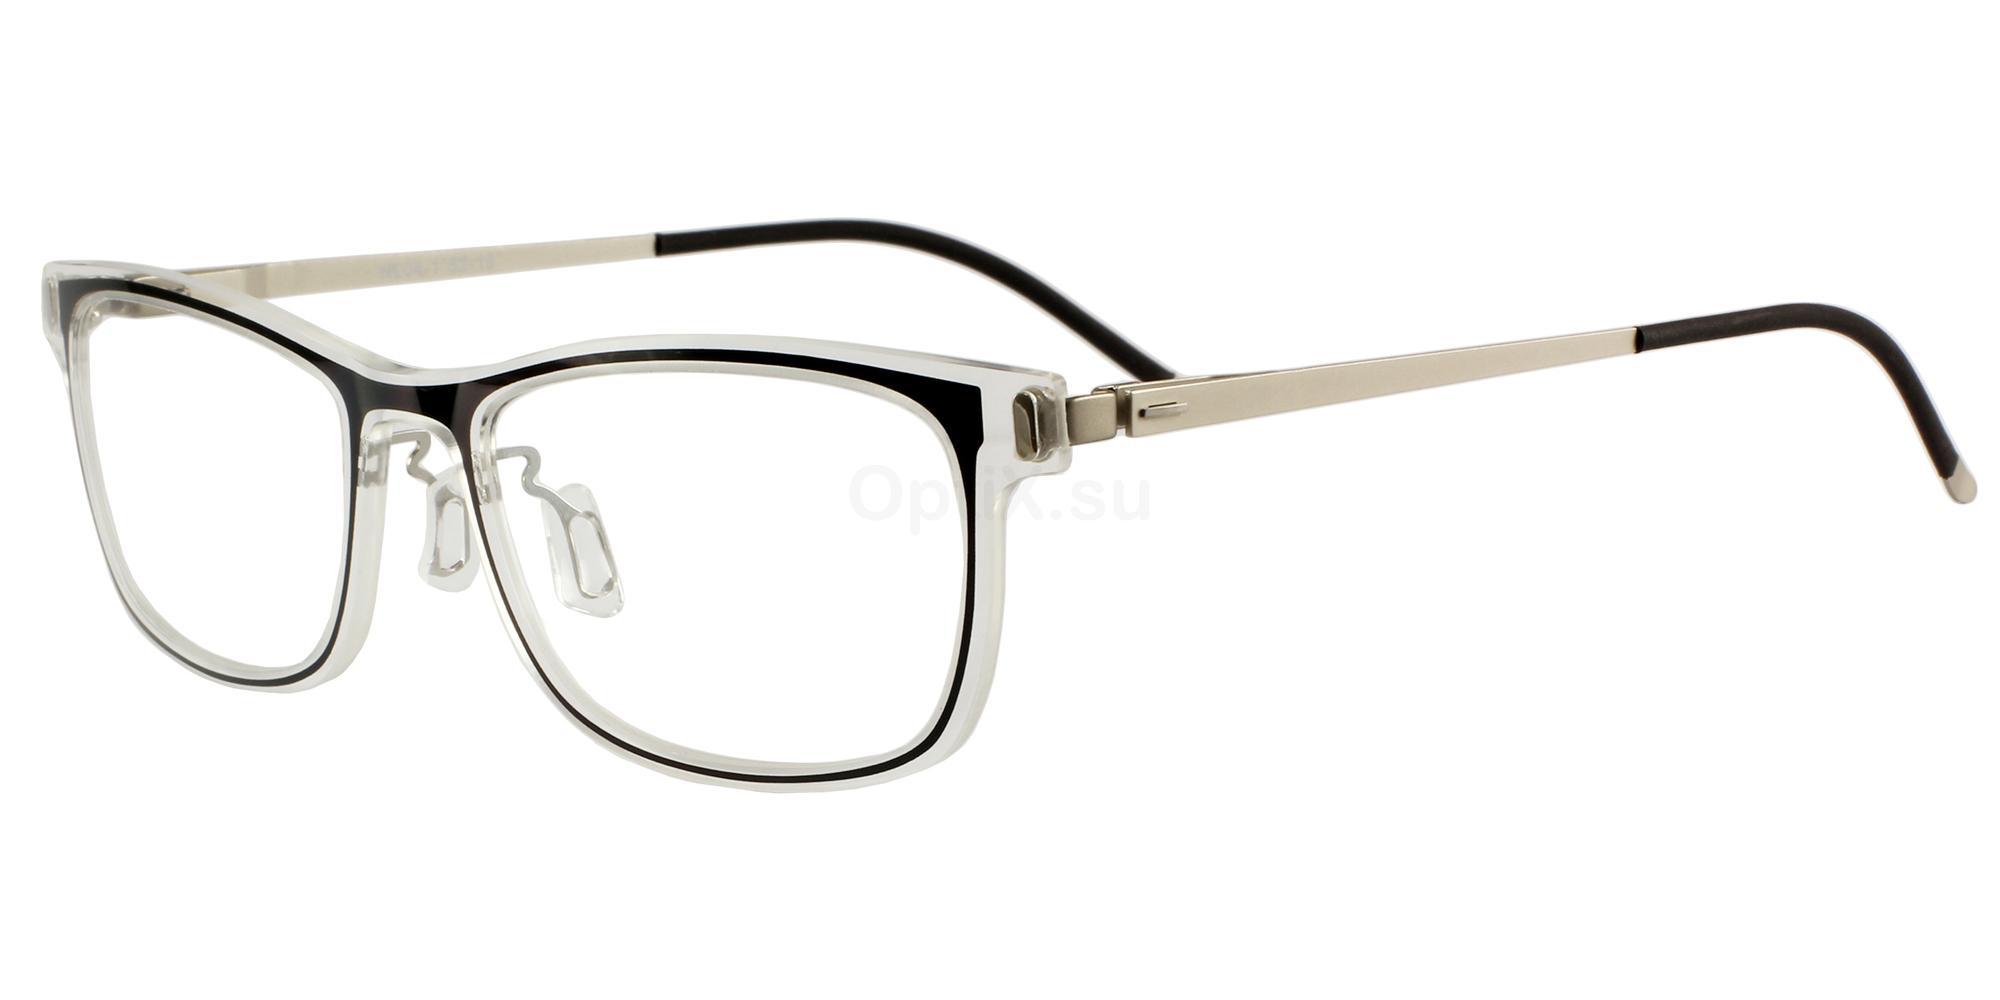 C1 04 Glasses, Nord Lite